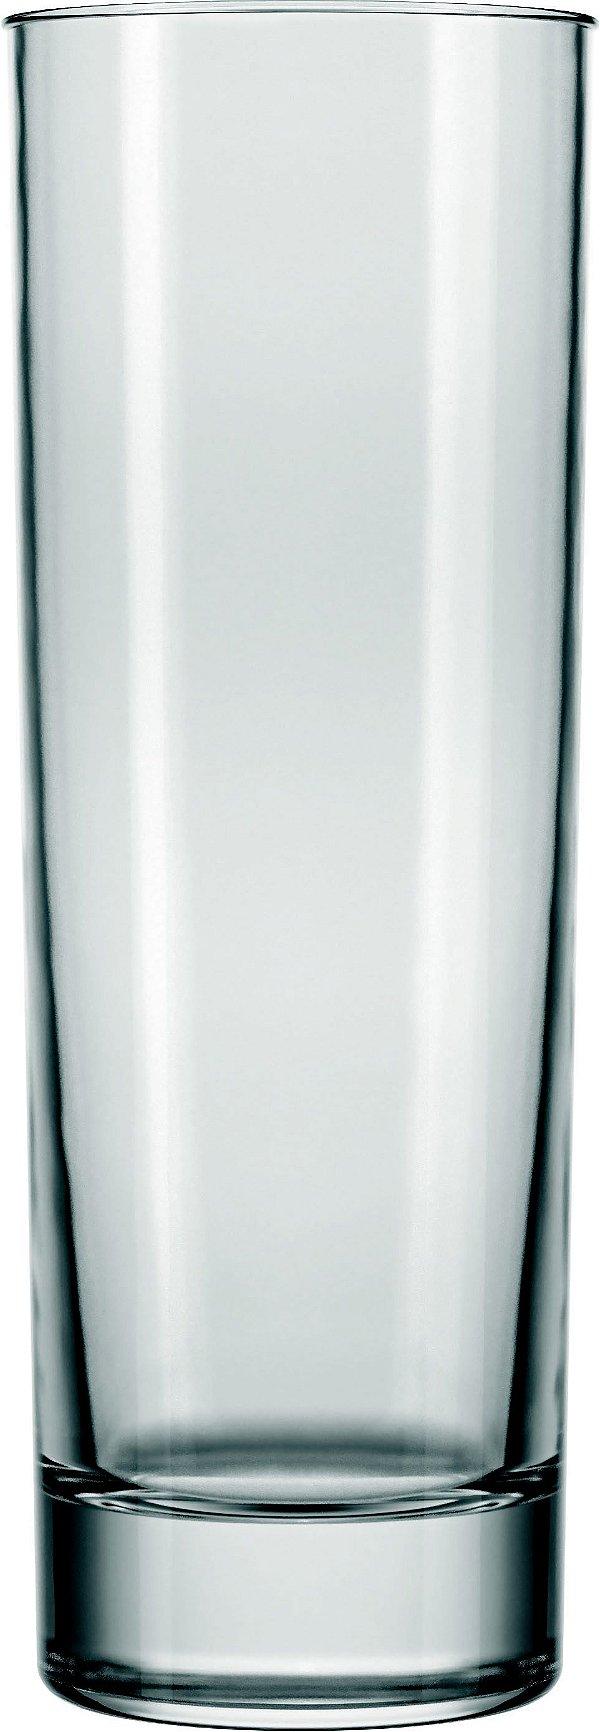 Copo Atol Tubo 220ml Caixa C/ 12 Unidades